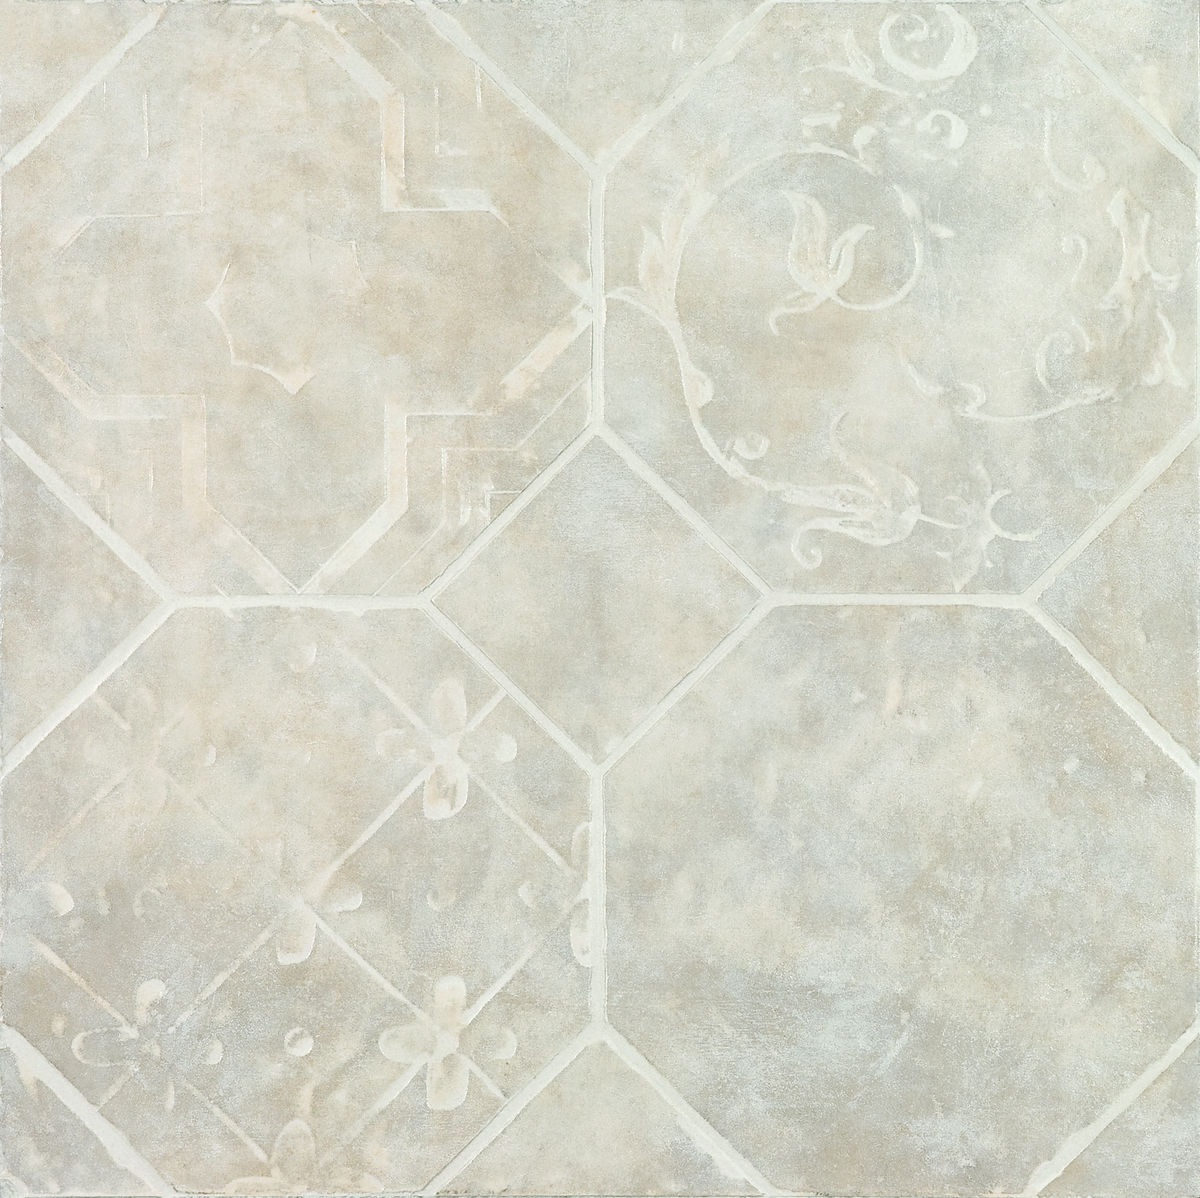 Плитка DECO  OCTAGON BIANCO 45*45 Decorato Octagon Bianco (zwxv81) изображение 0